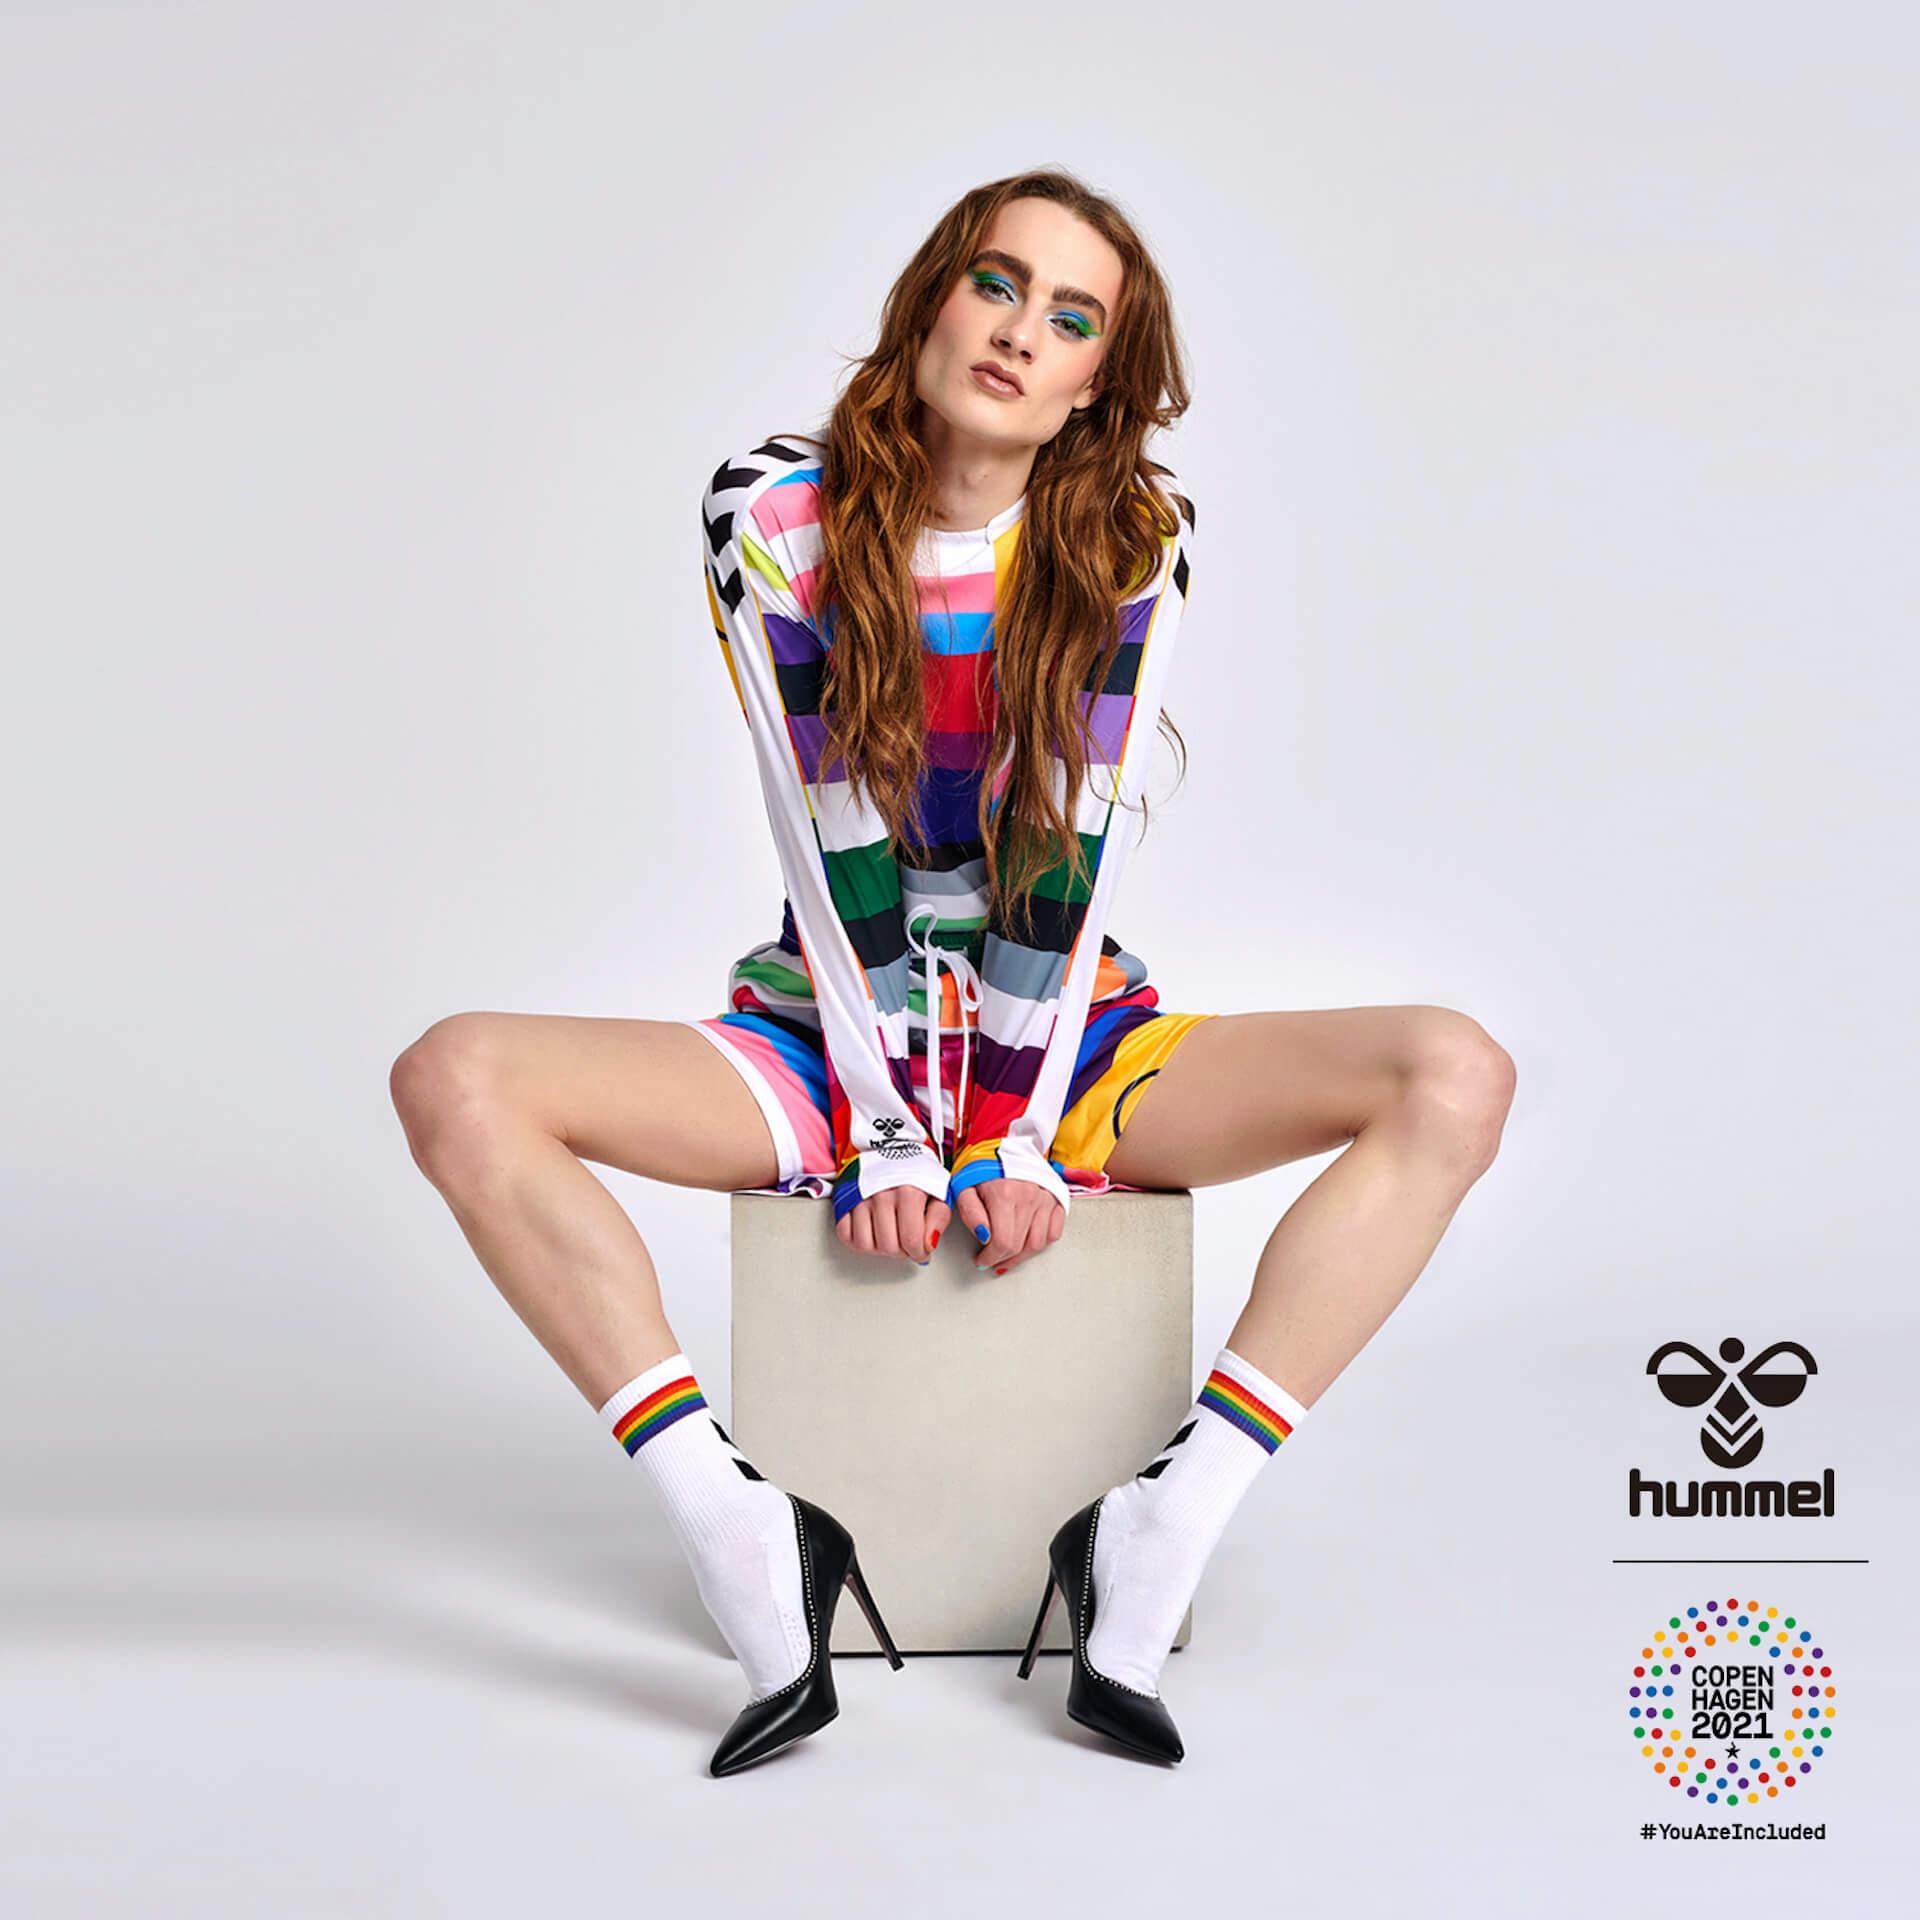 多様性を祝福する「ヒュンメル×コペンハーゲン 2021」コラボグッズが限定発売! Fashion_210706_hummel10